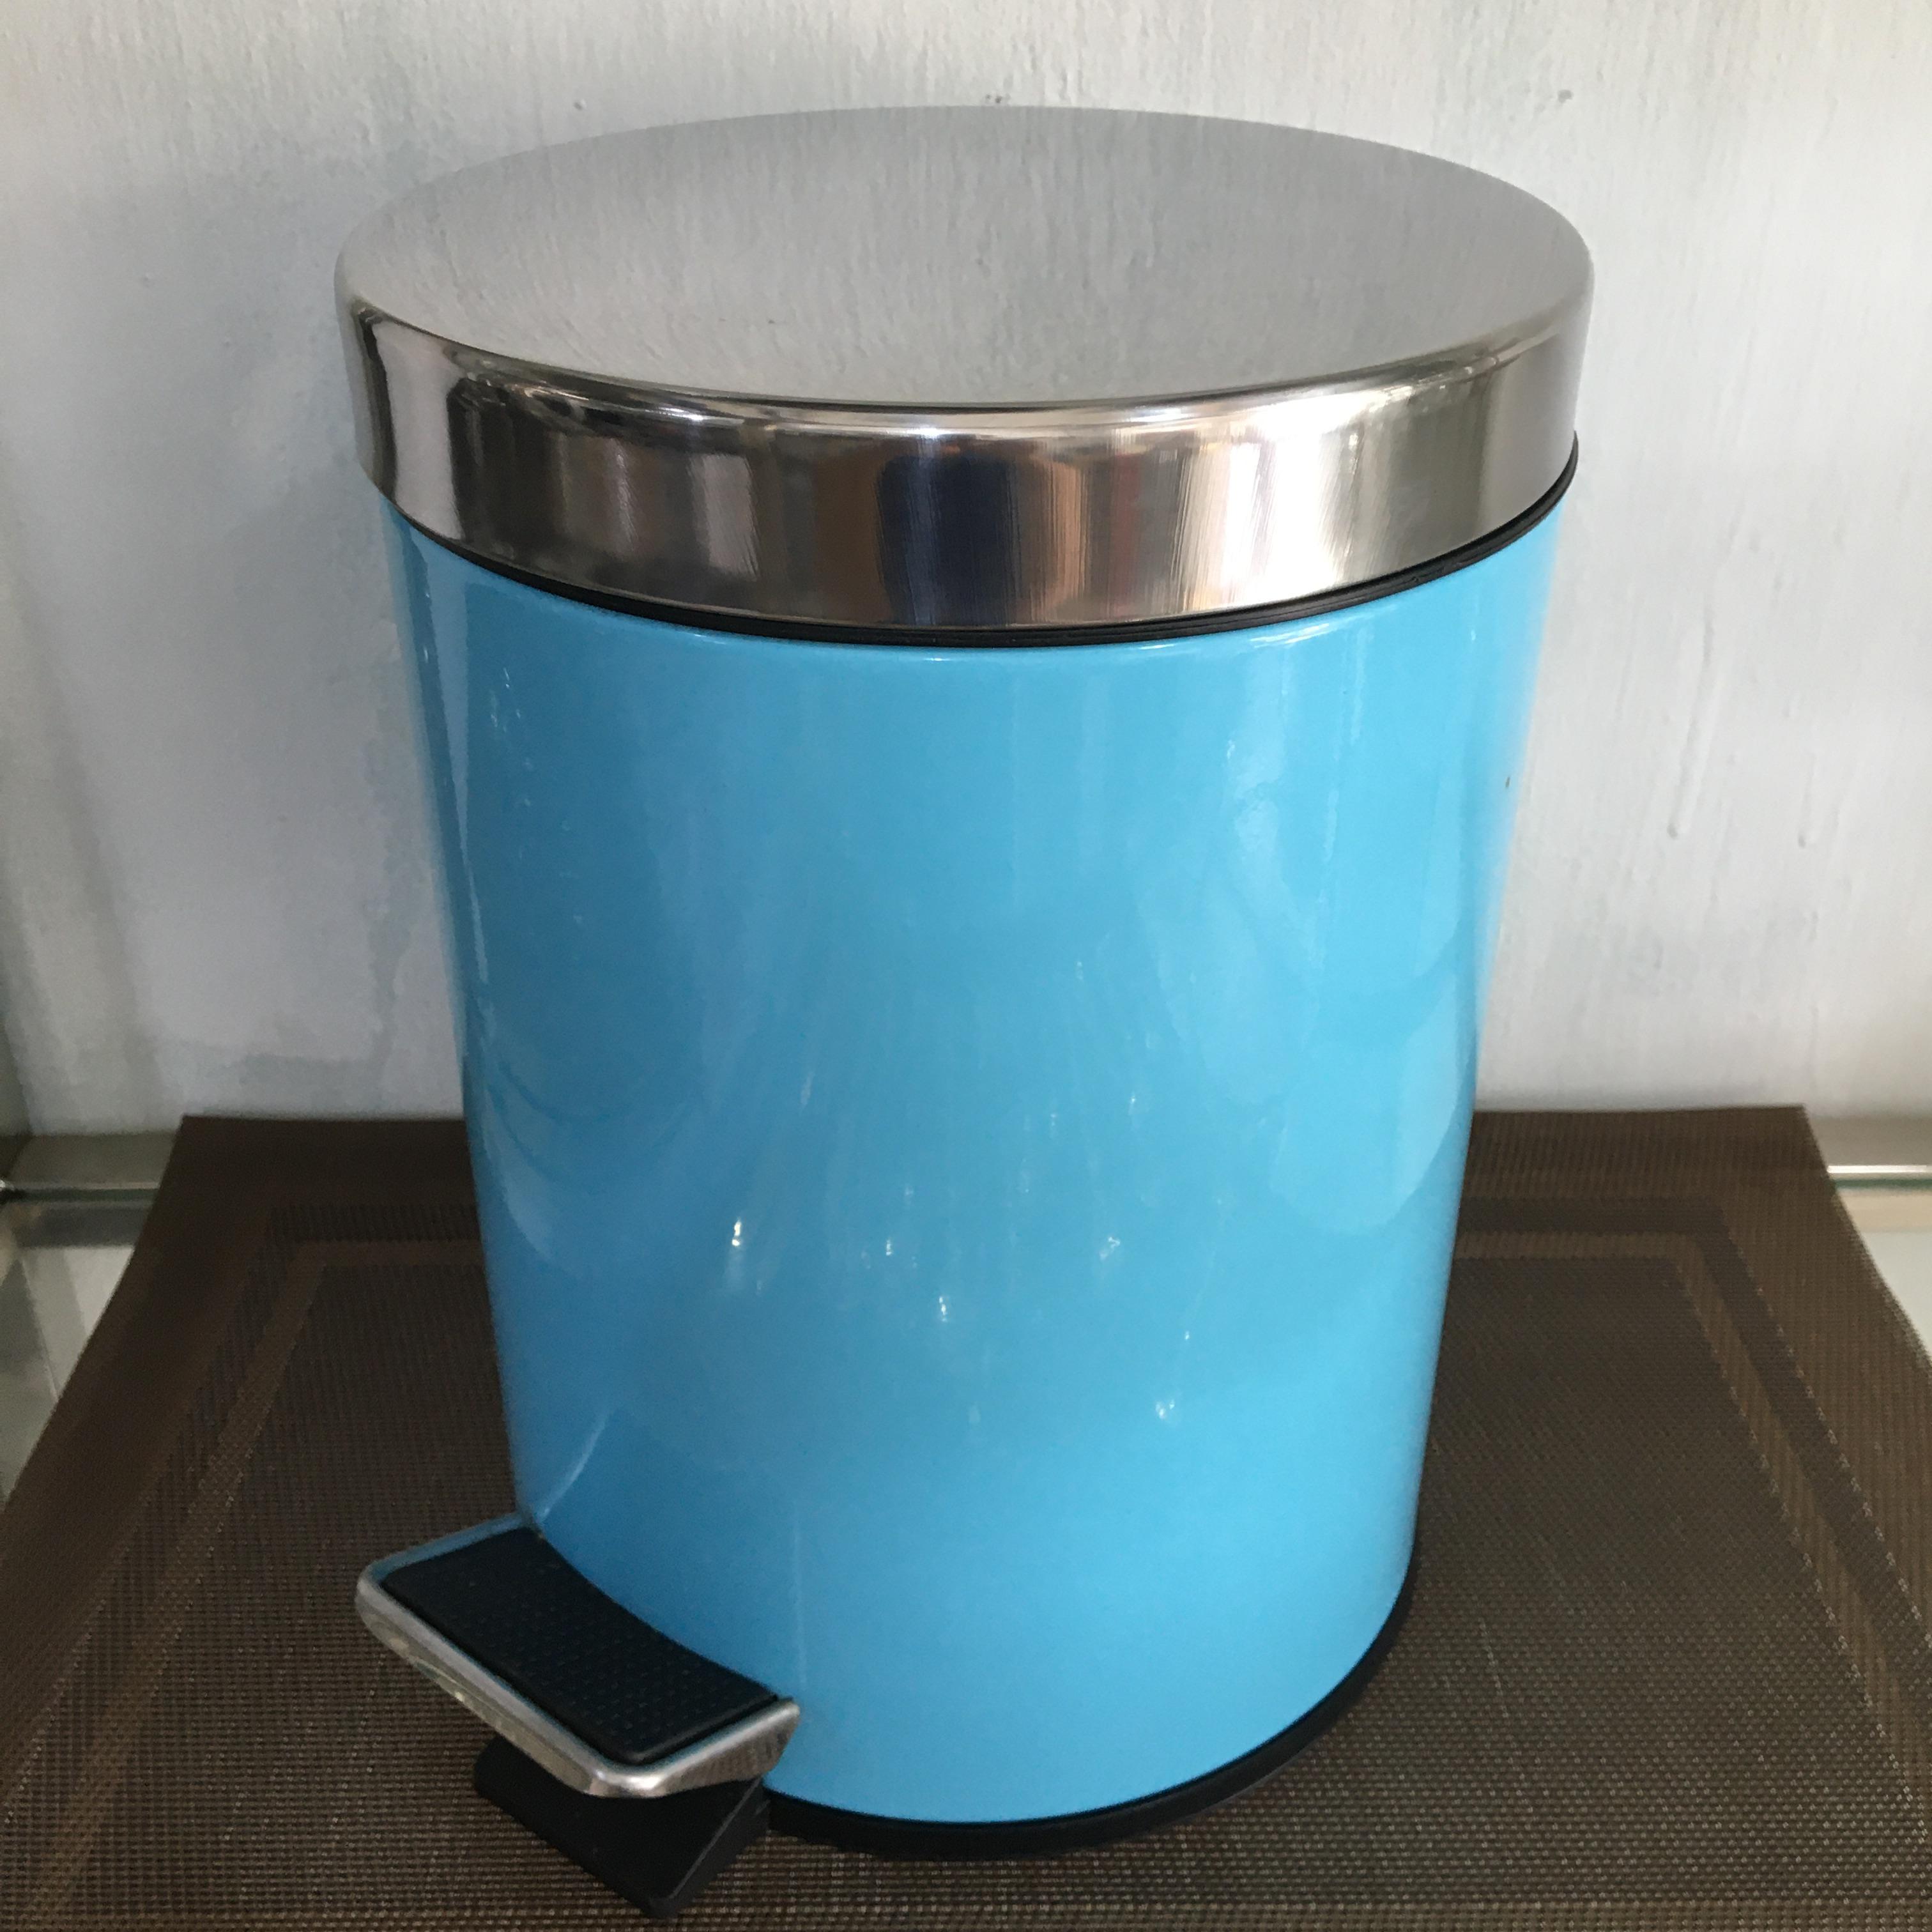 Thùng rác inox chân đạp loại 5 lít, màu xanh ngọc được dùng trong phòng, toilet